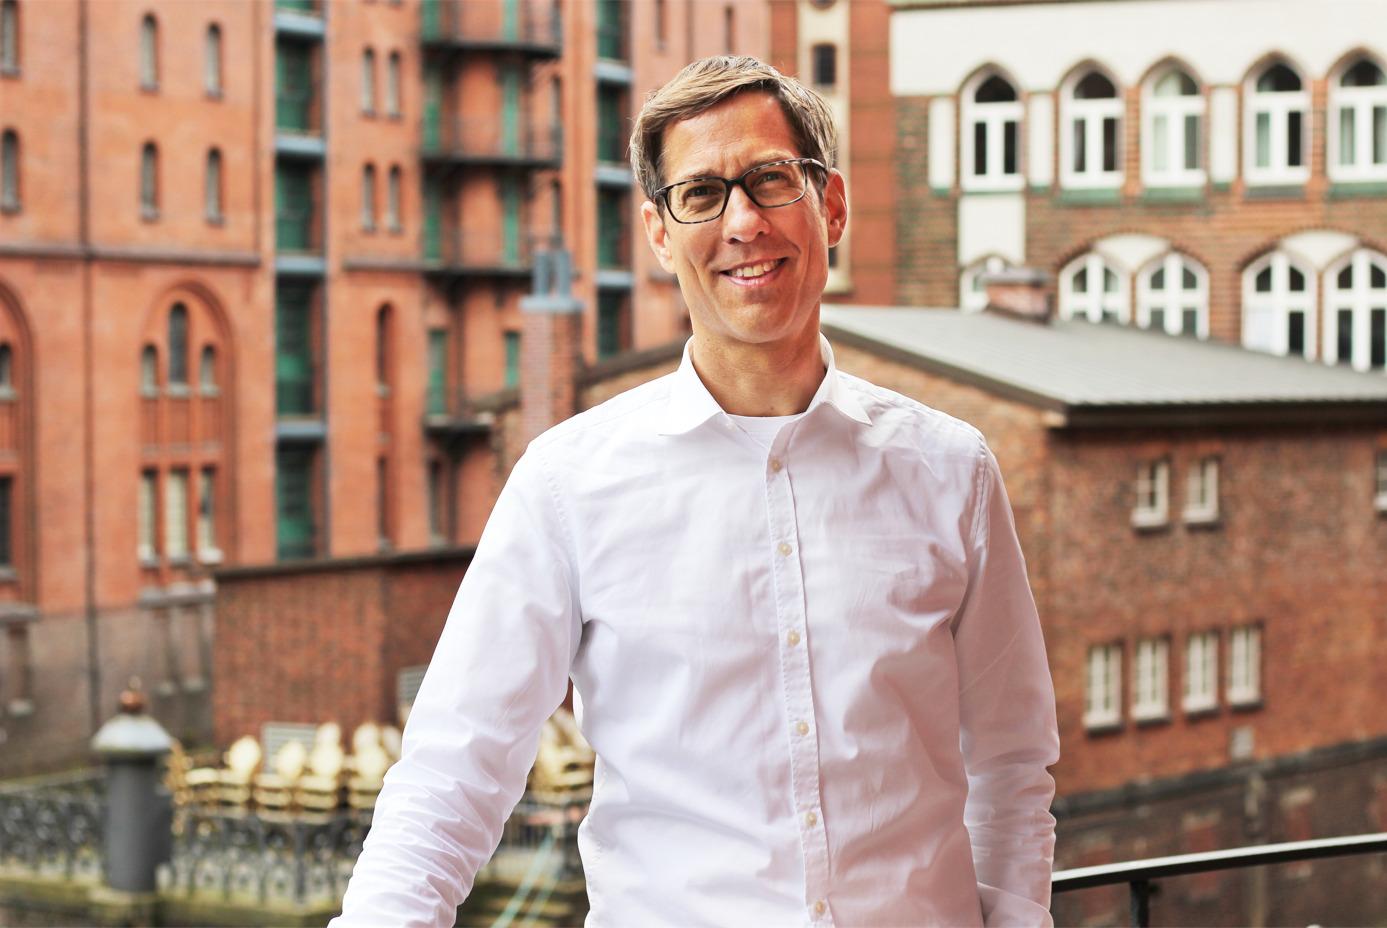 Warnt Mitbewerber vor Betrugsversuch - Fabian Scholz von der komma,tec redaction